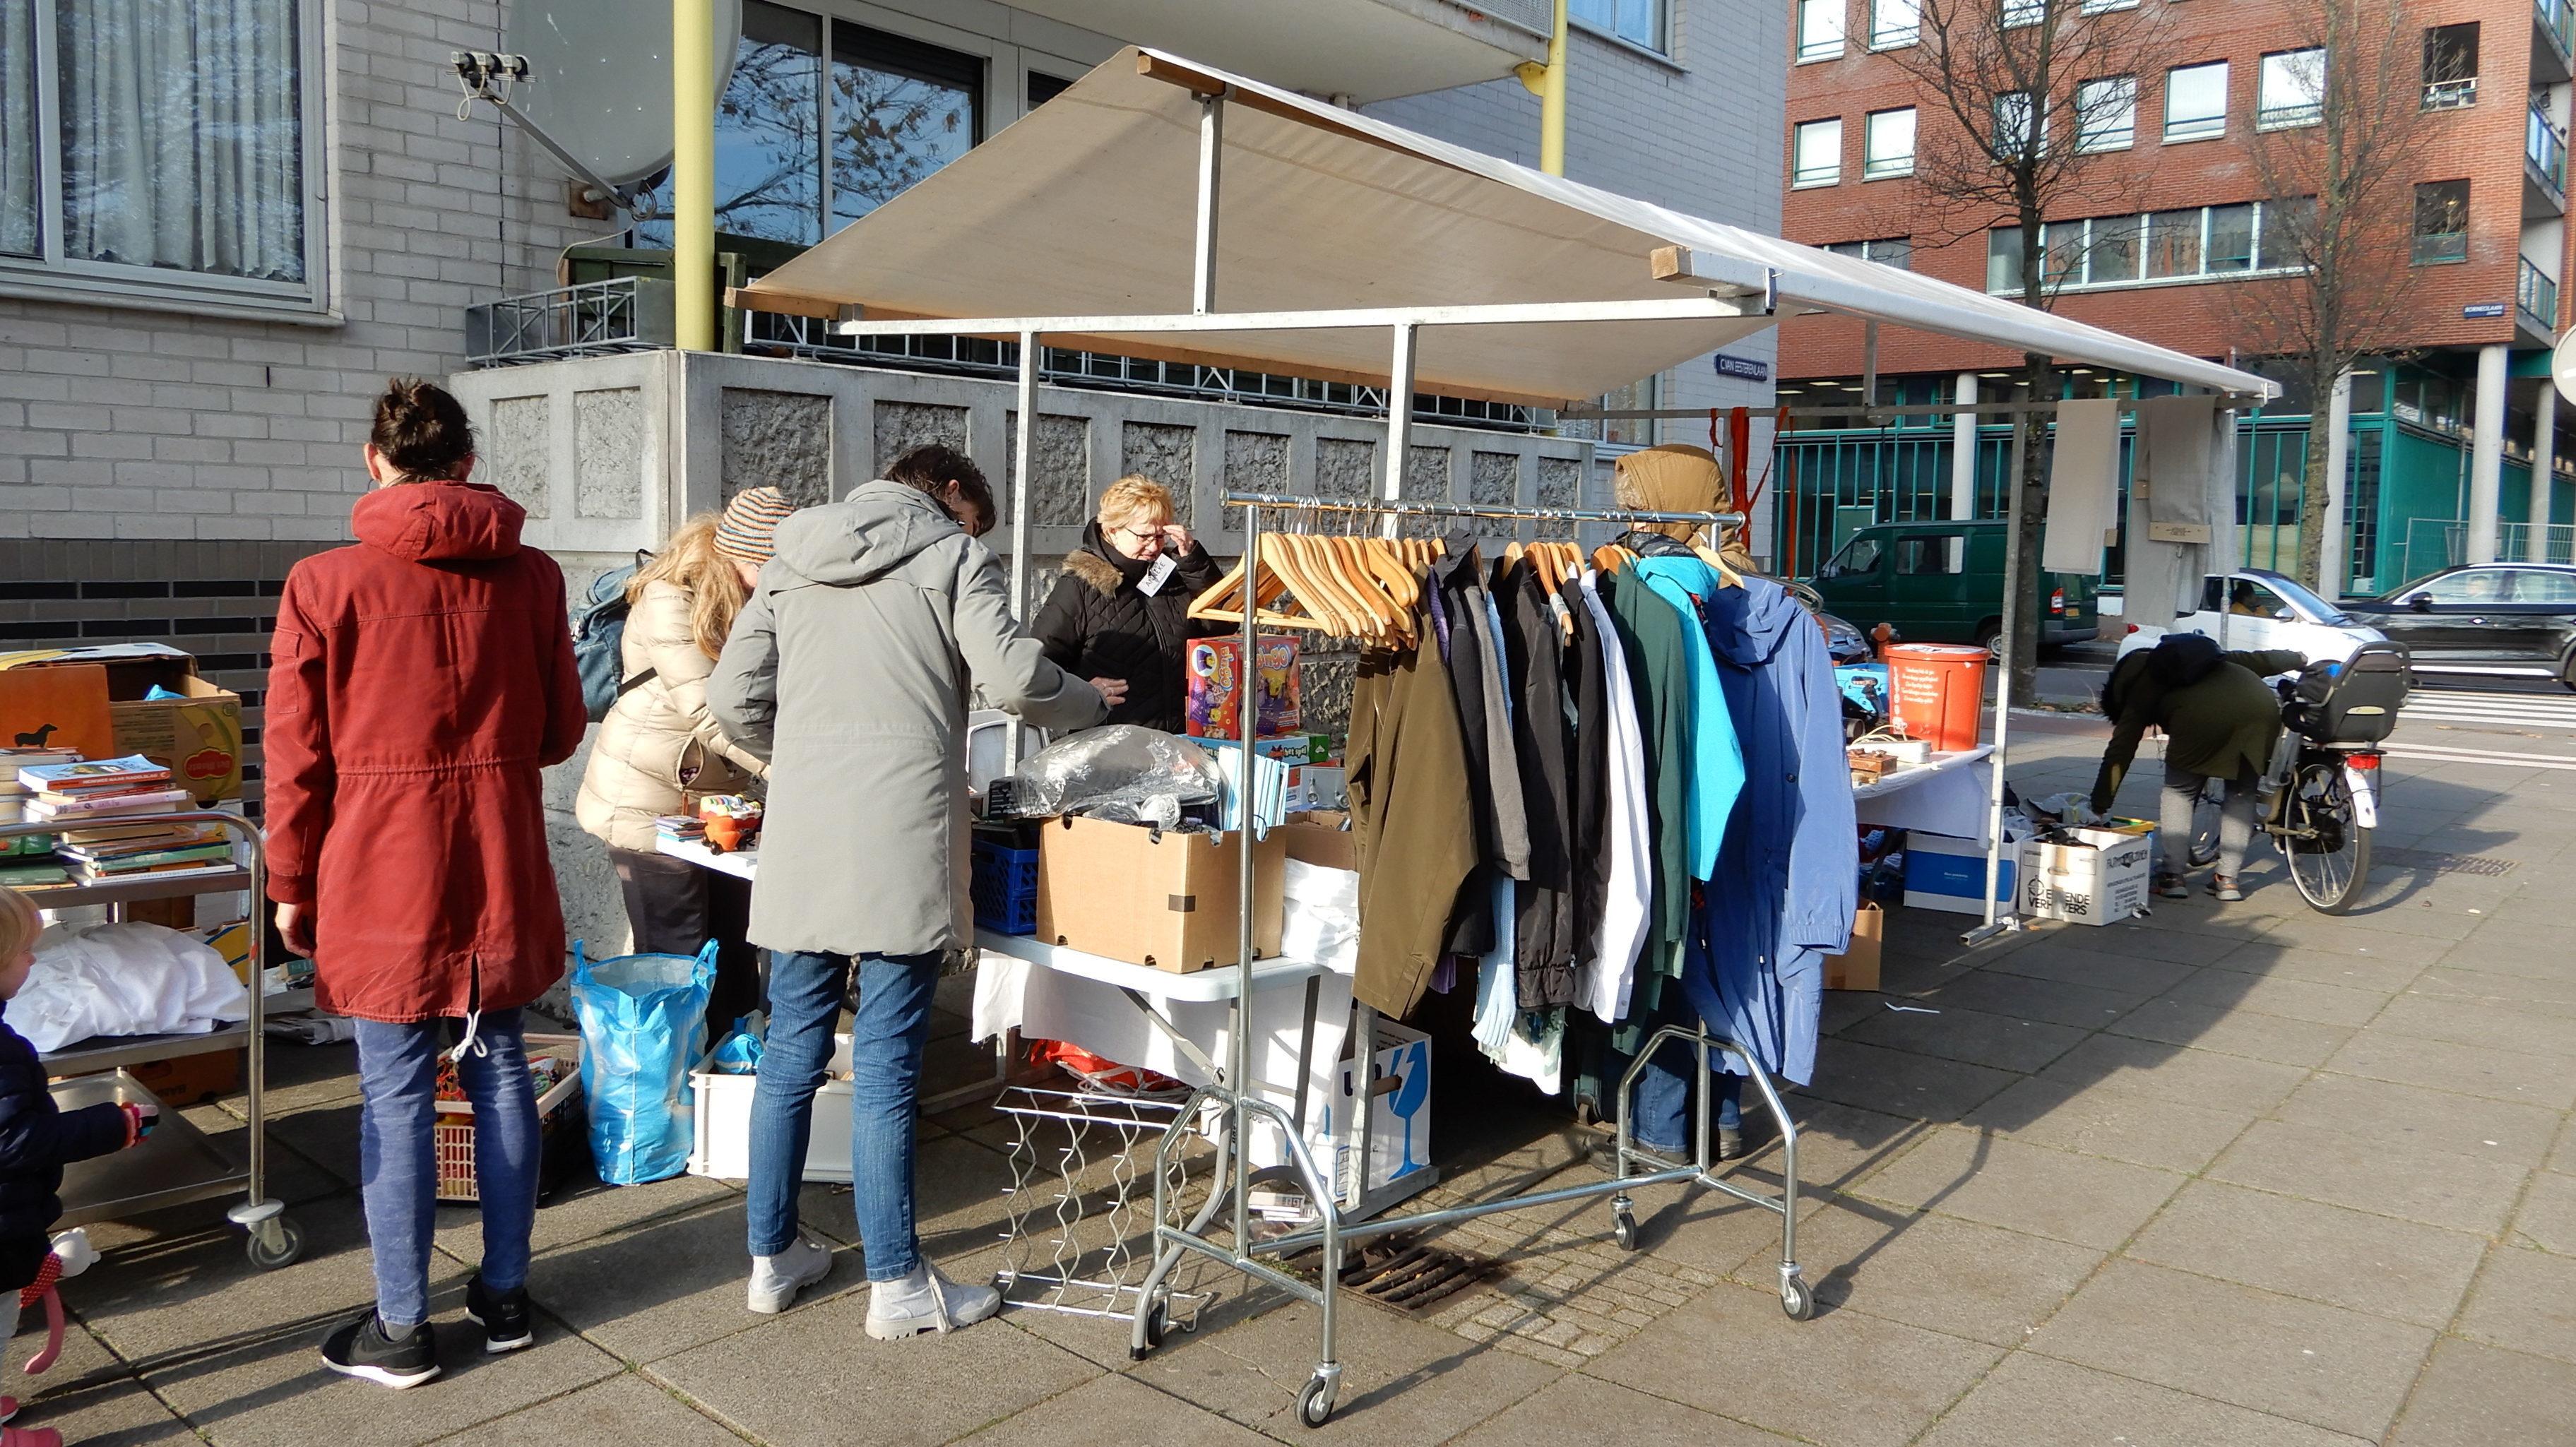 Weggeefkraam OHG waar bewoners gratis spullen kun geven en ophalen